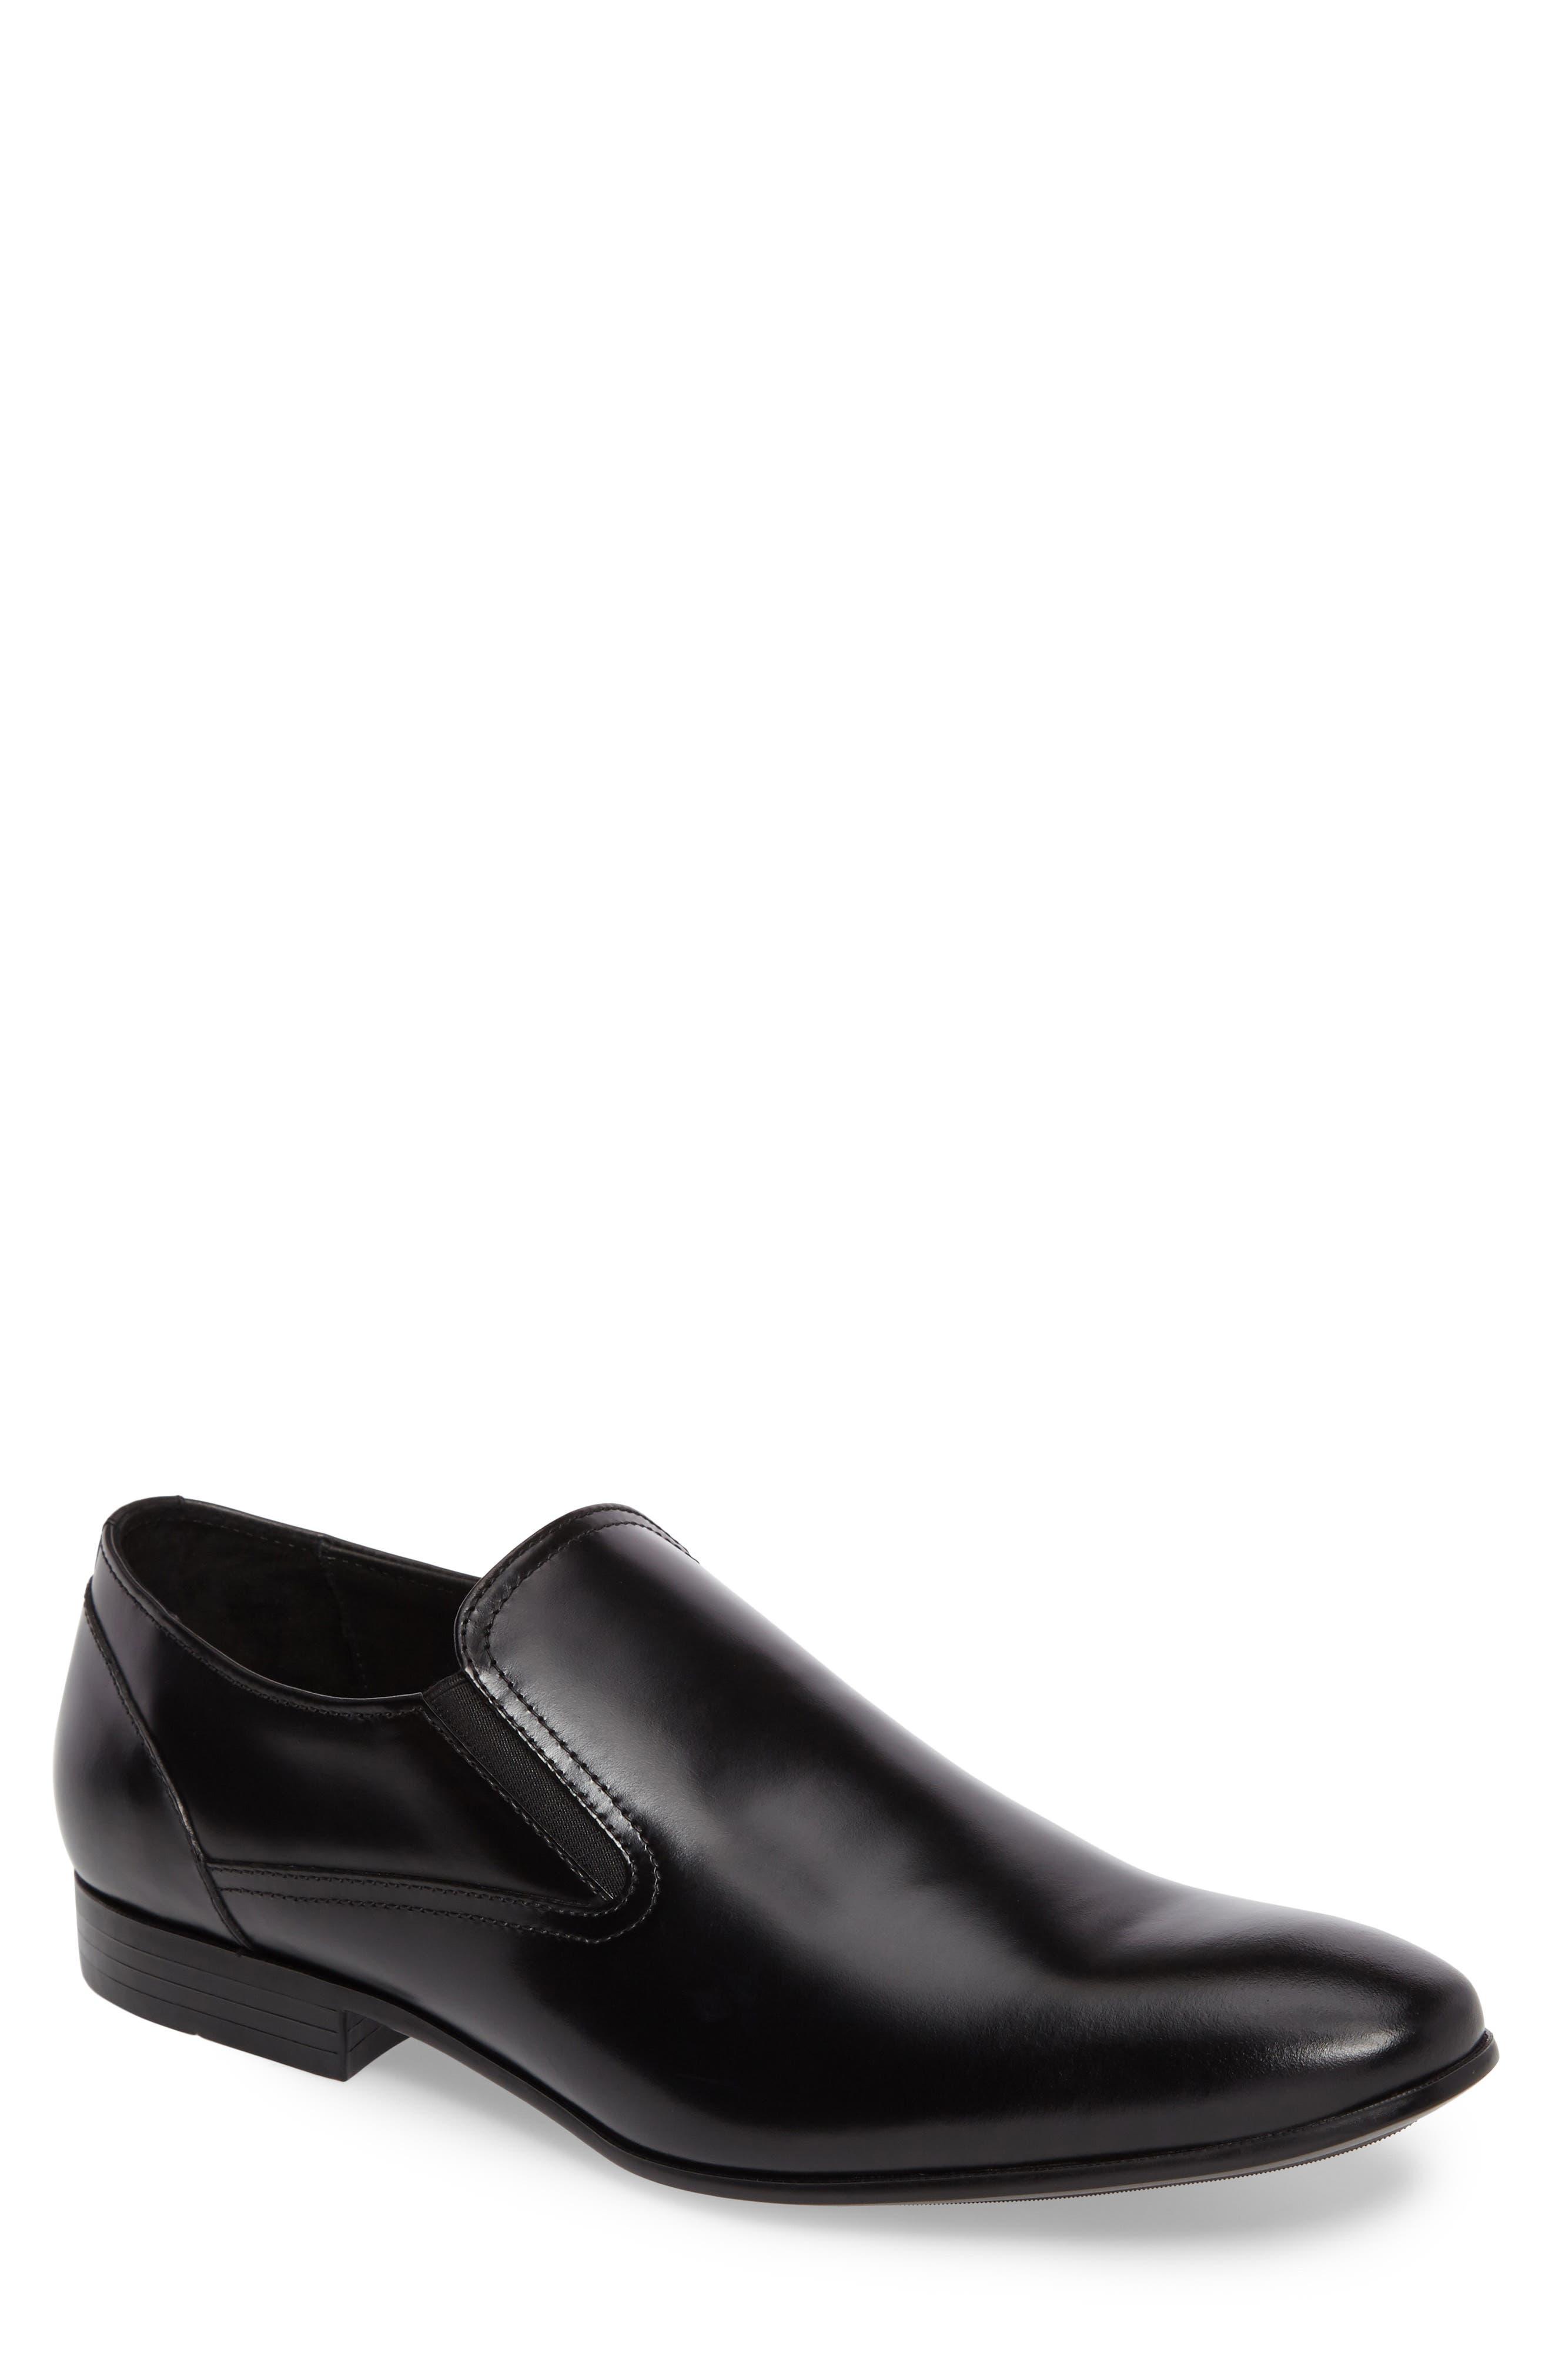 Kenneth Cole New York Venetian Loafer (Men)